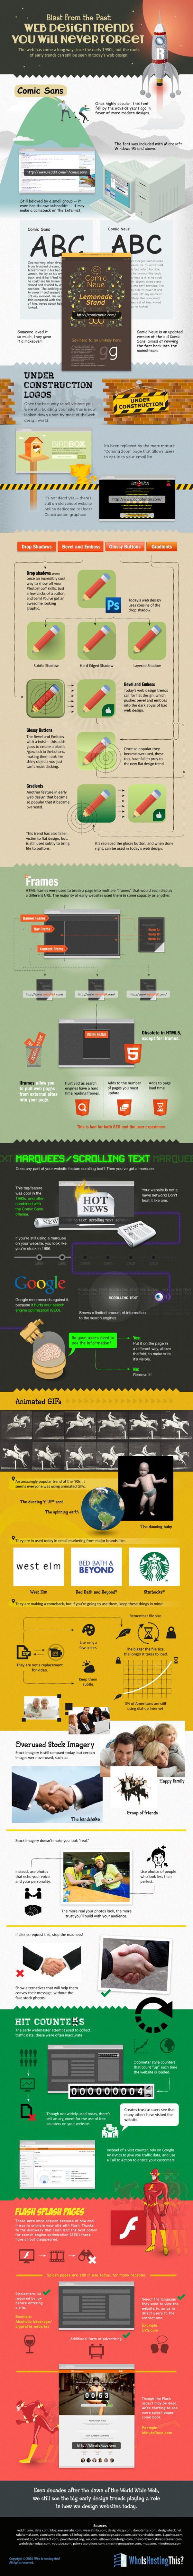 web design : le retour des tendances d'hier #infographie